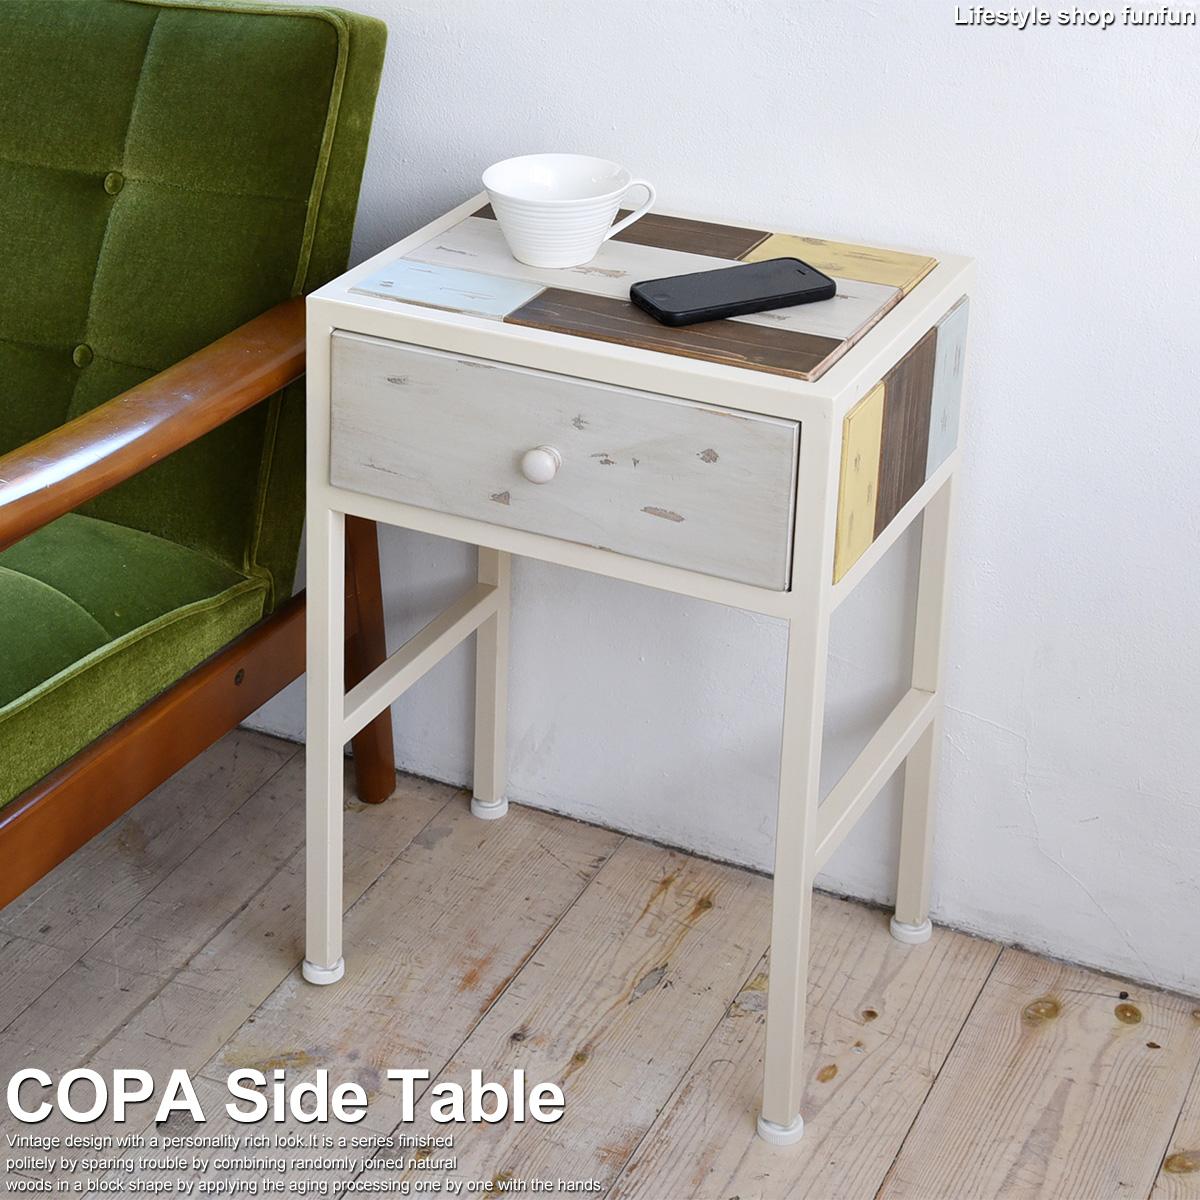 【最大1500円OFFクーポン】サイドテーブル ナイトテーブル 幅約38cm COPA コパ 収納 木製 北欧 家具 寝室収納 ベッドサイドチェスト 収納ラック レトロ かわいい シンプル おしゃれ